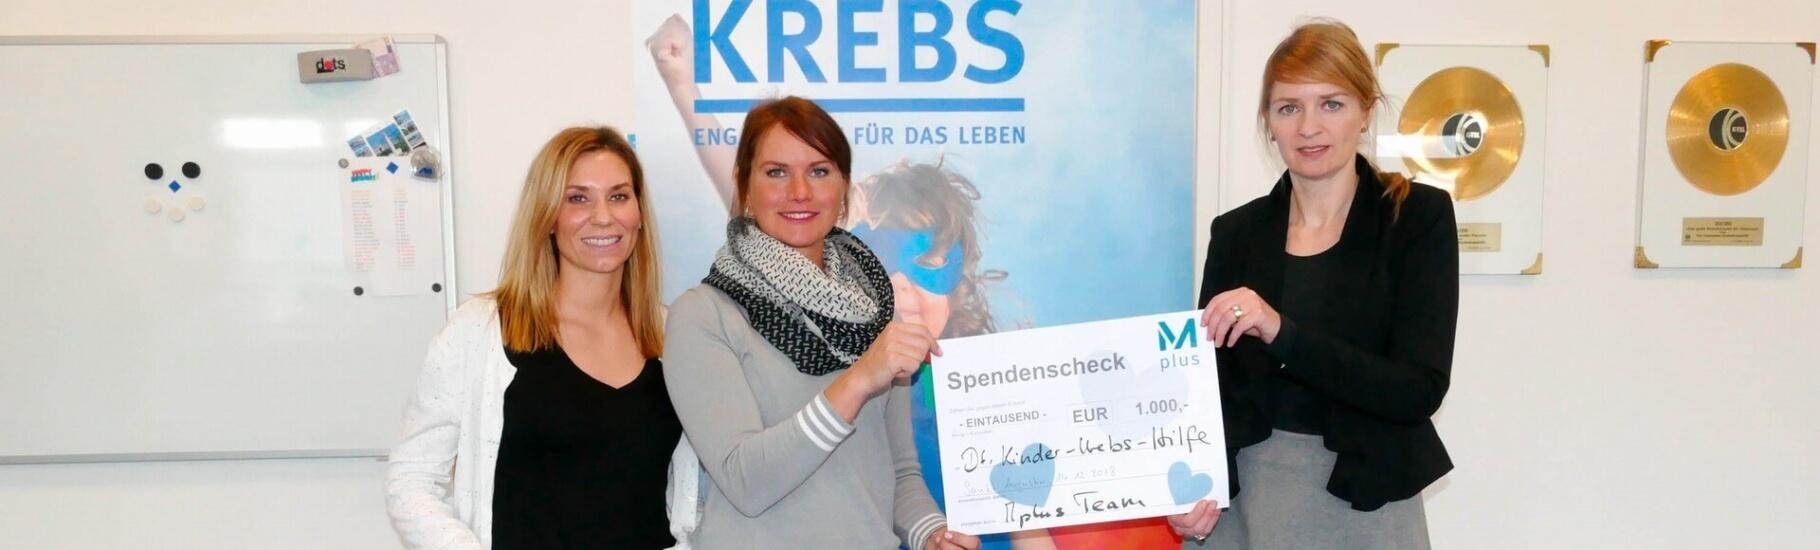 mplus-mitarbeiter-bei-der-deutschen-krebshilfe-in-bonn